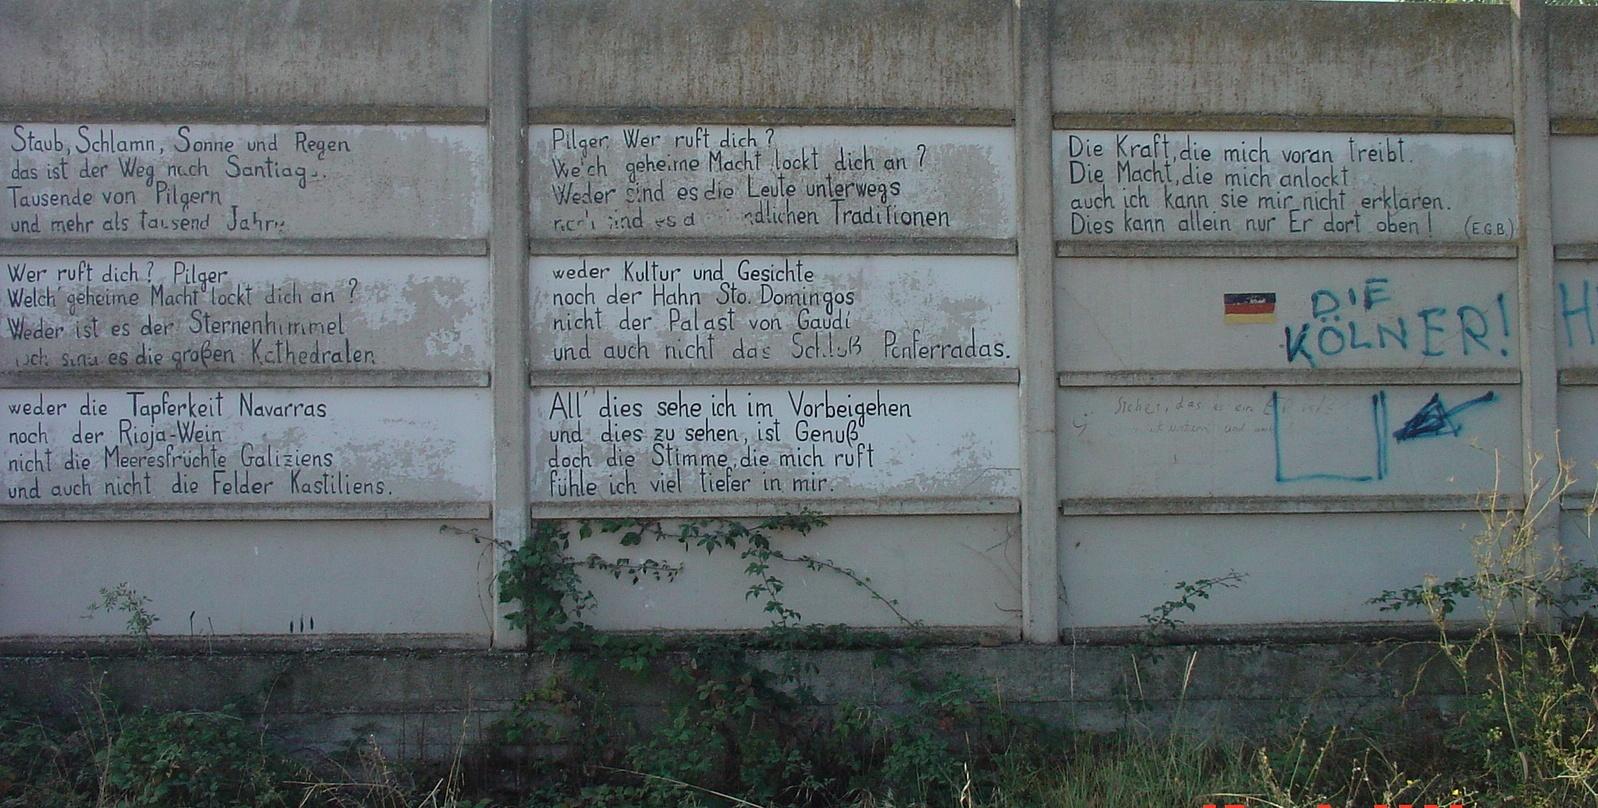 Ein schönes Pilgergedicht in deutsch